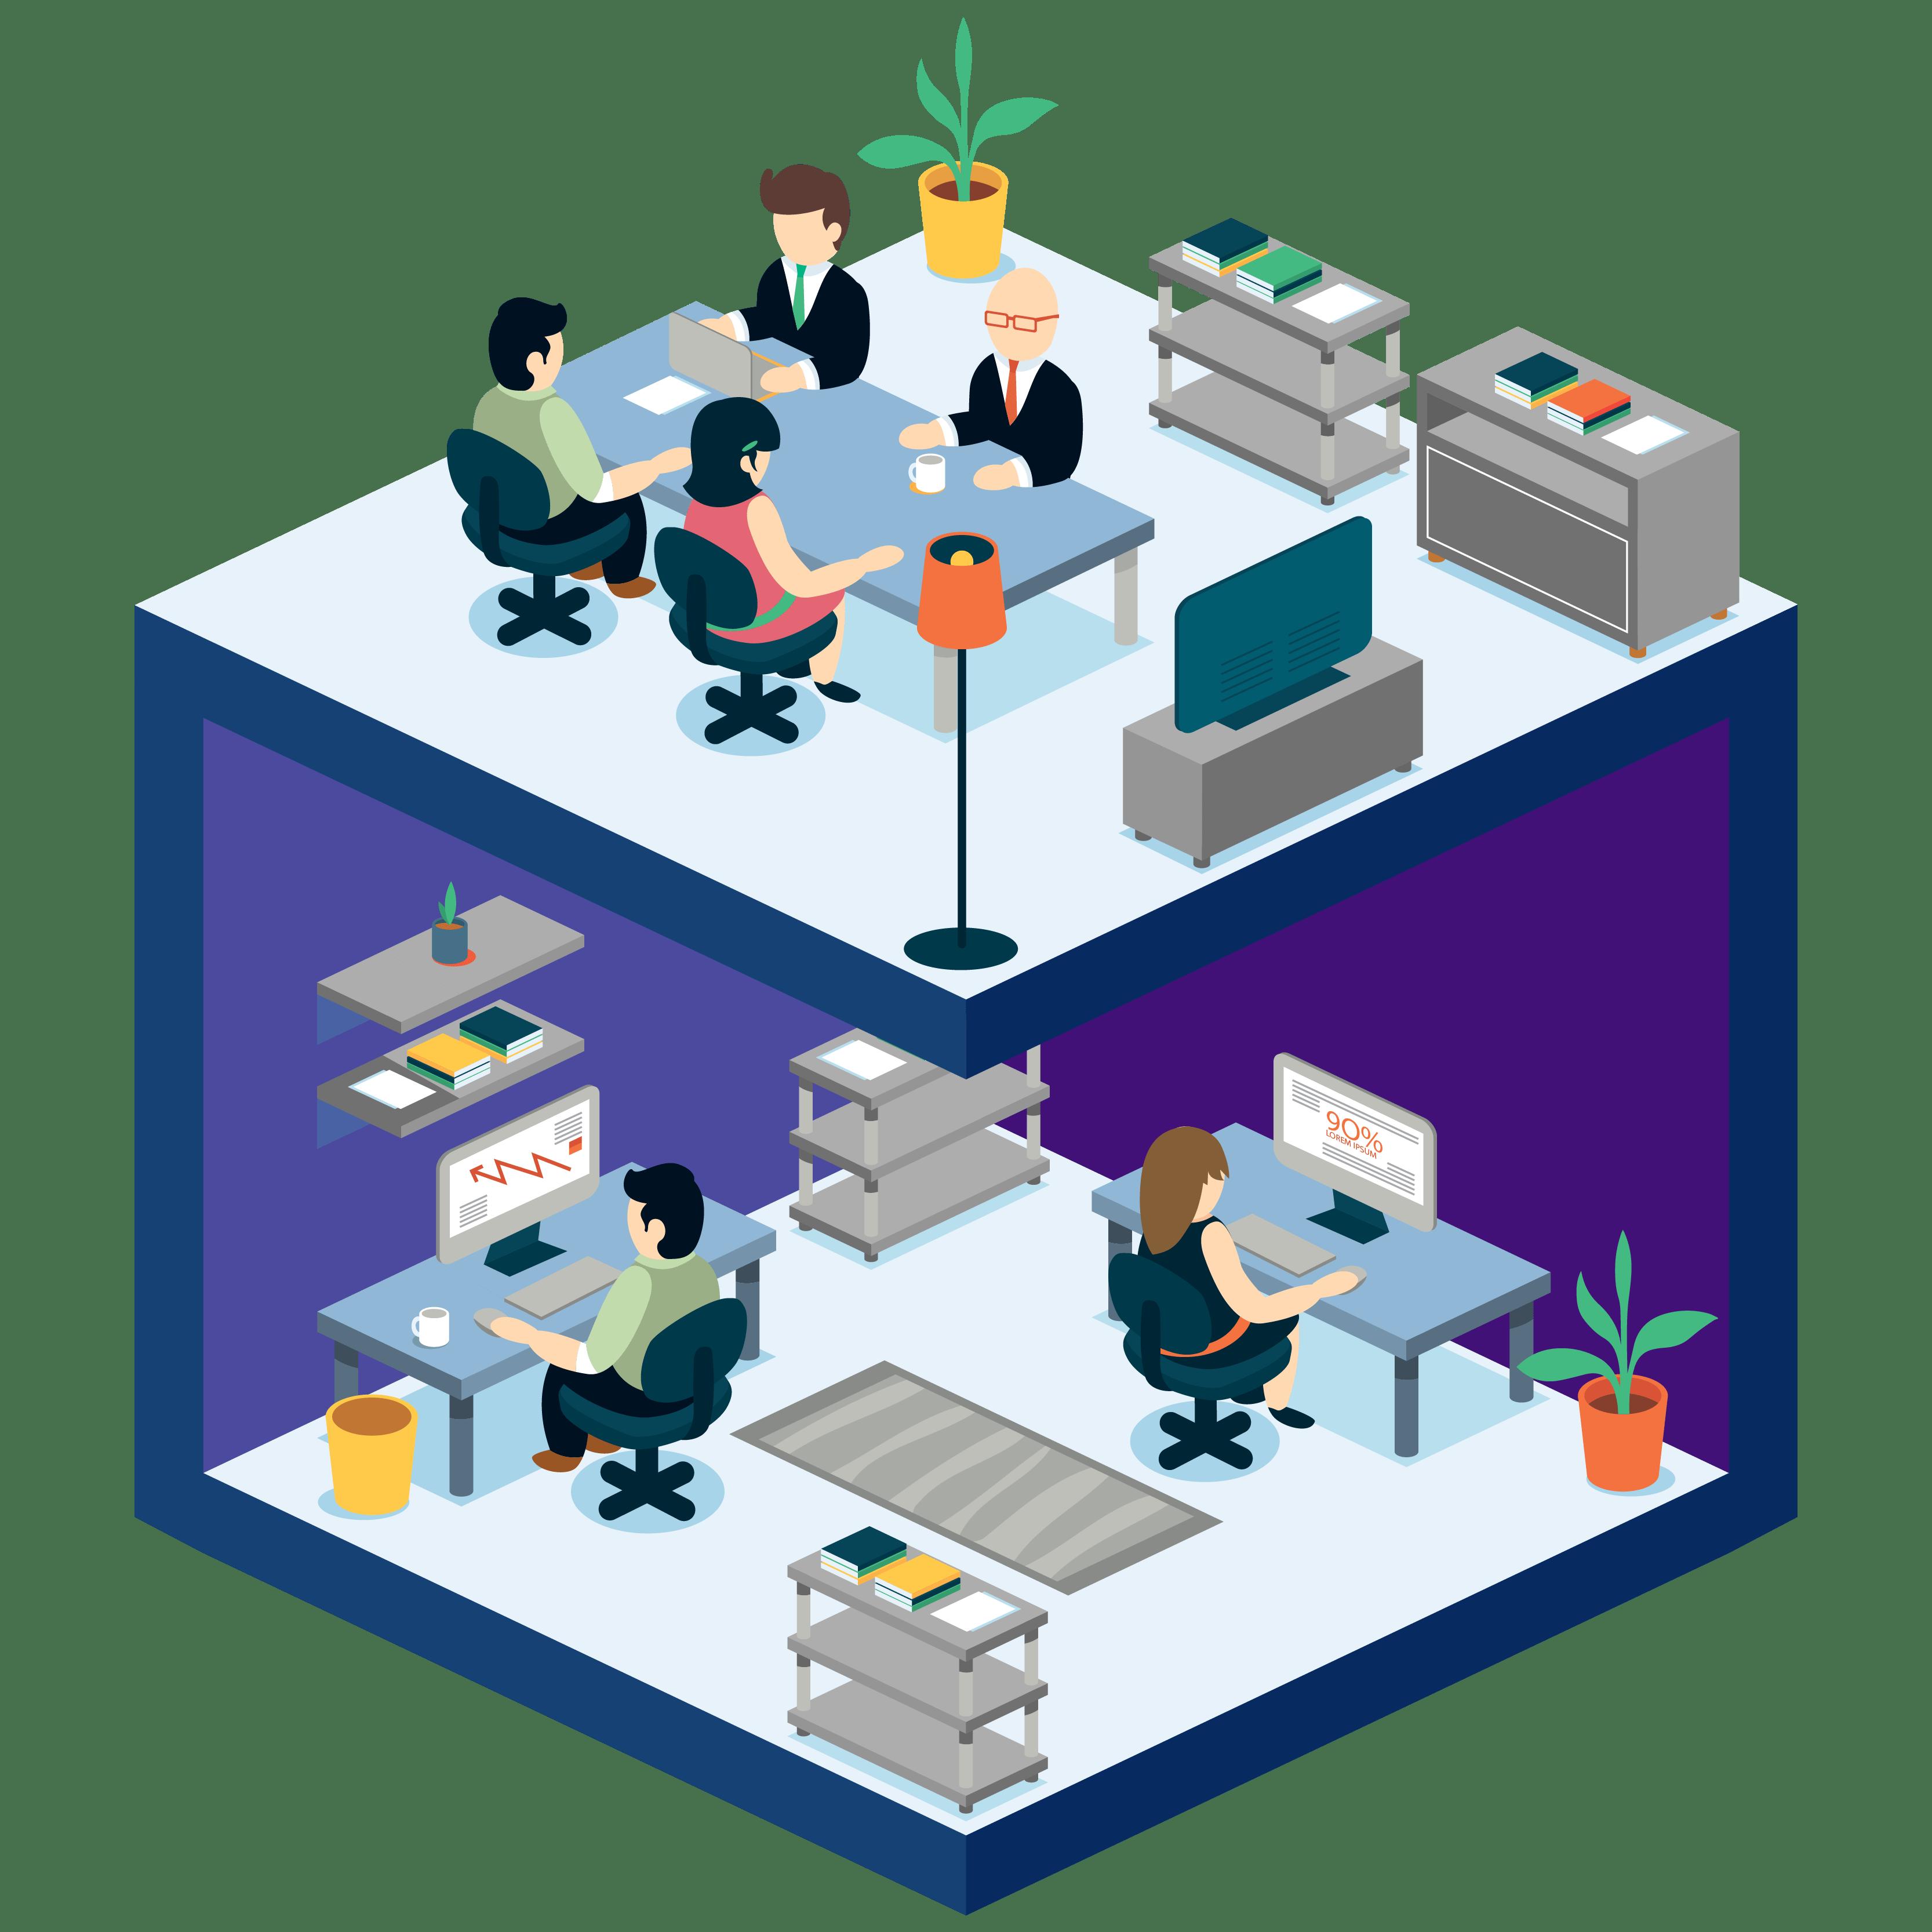 Soluções de Comunicação e Marketing para negócios de qualquer tamanho, do planejamento à execução, com agilidade para entregar no prazo que você precisa.